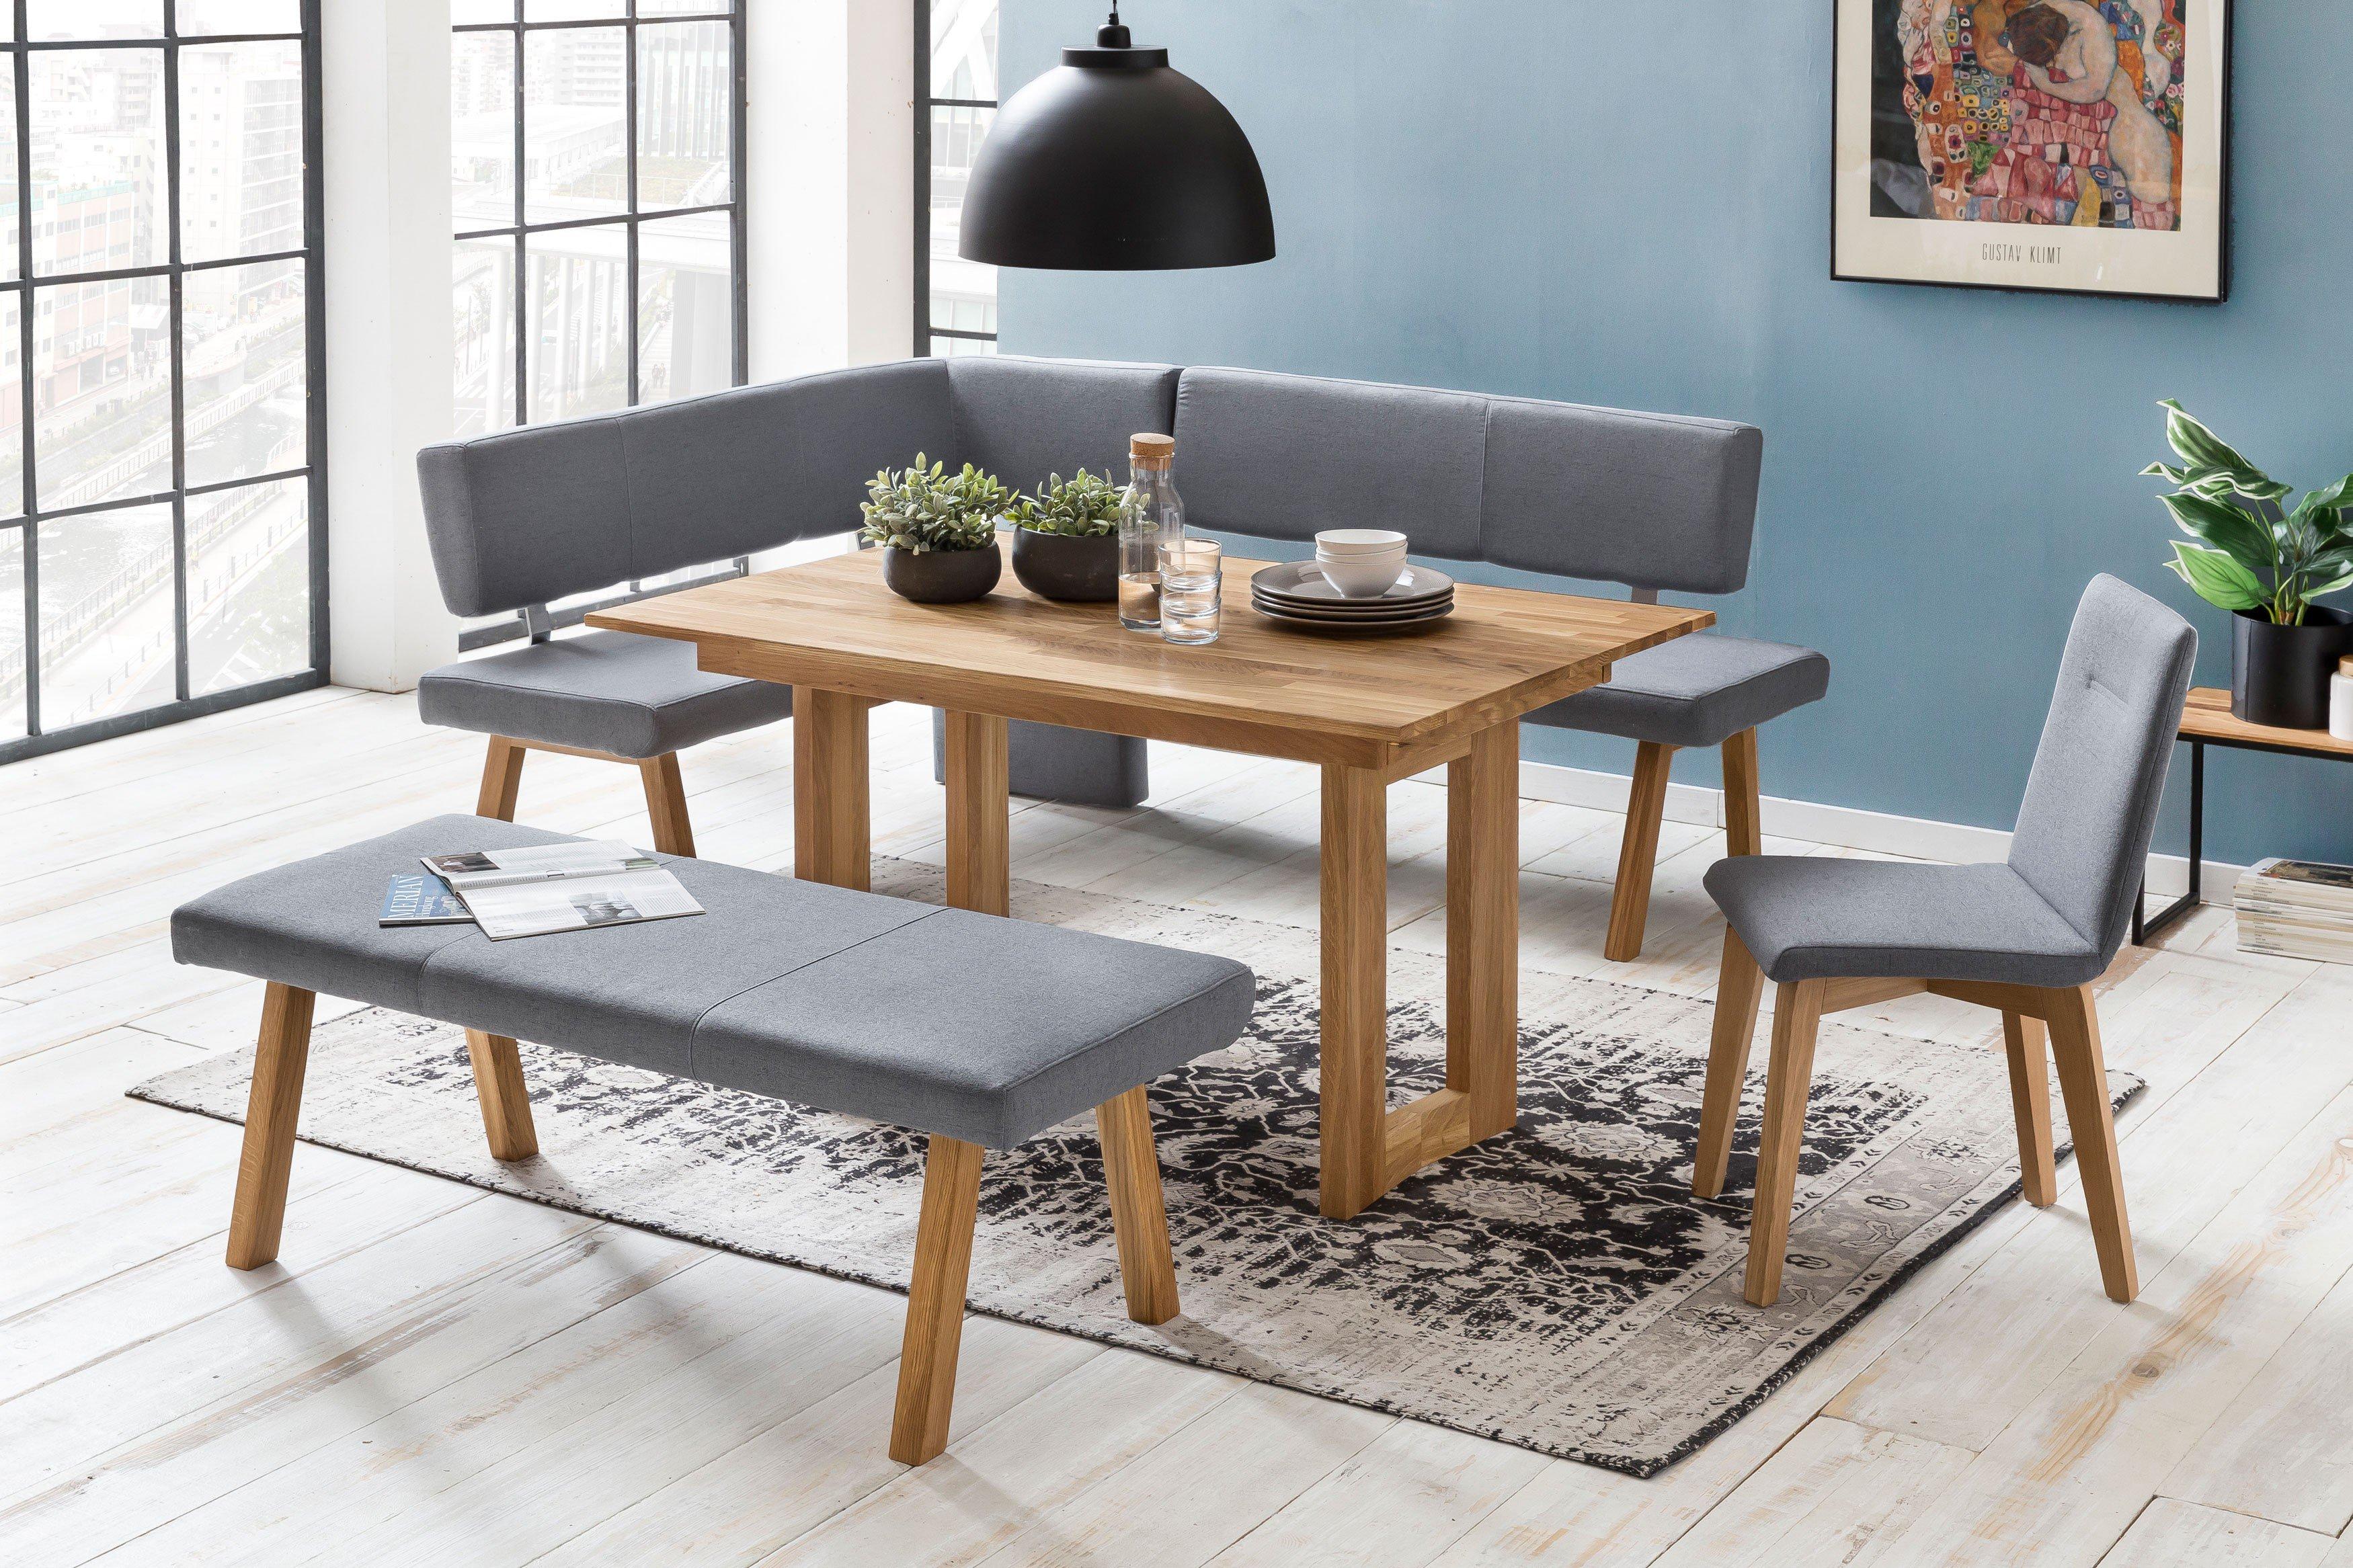 Standard Furniture Eckbank Konstanz Aus Eiche Natur Geolt Grau Mobel Letz Ihr Online Shop